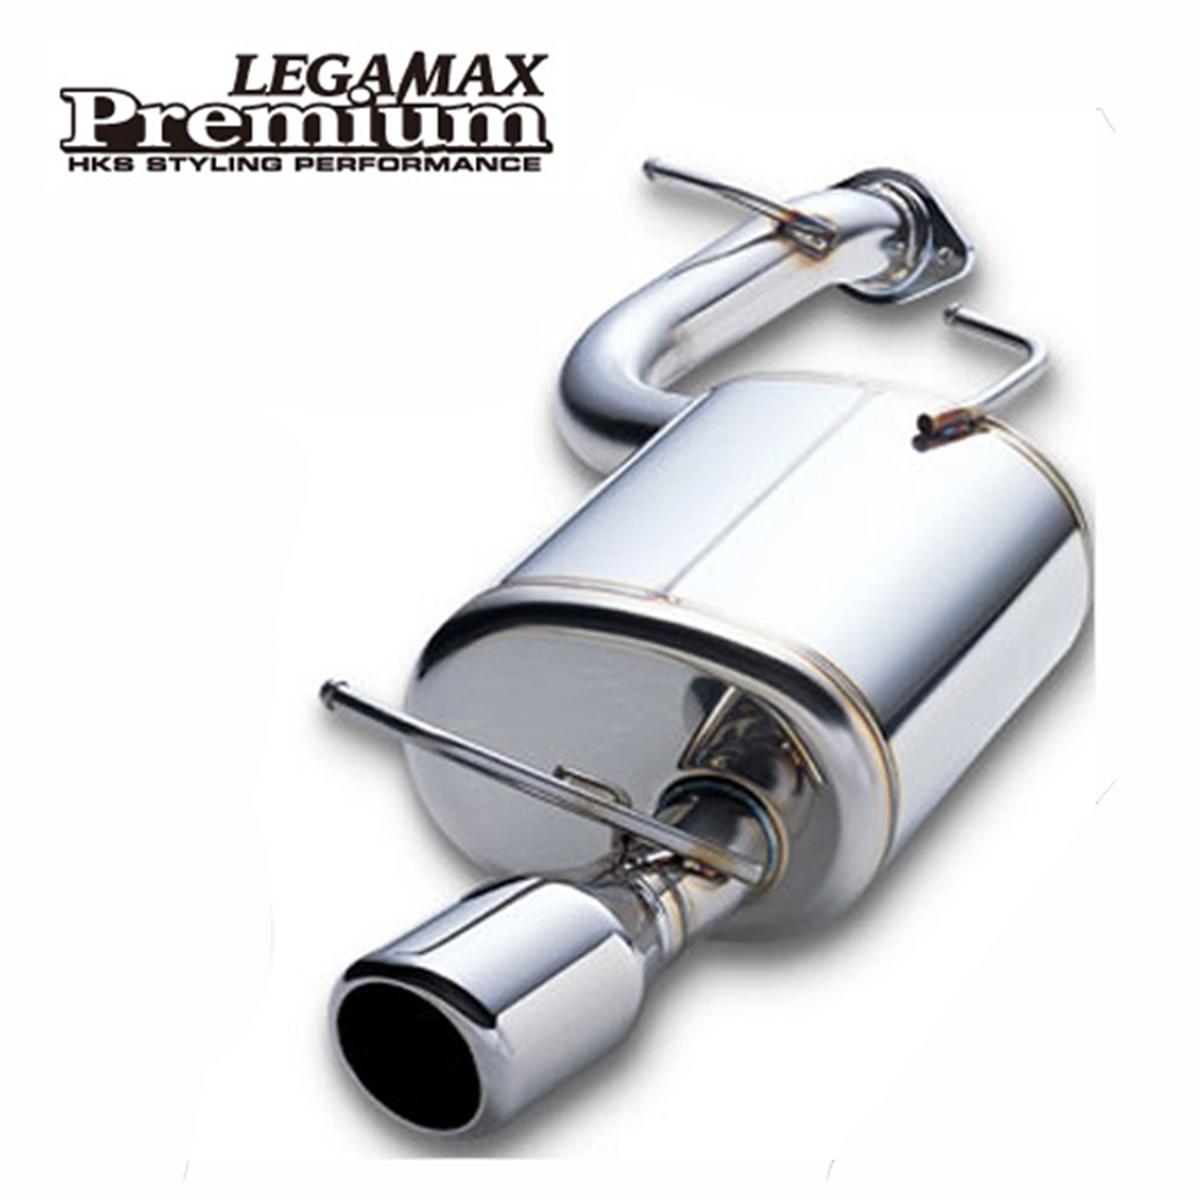 インプレッサスポーツ マフラー DBA-GP7 HKS 32018-AF013 リーガマックスプレミアム 条件付き送料無料